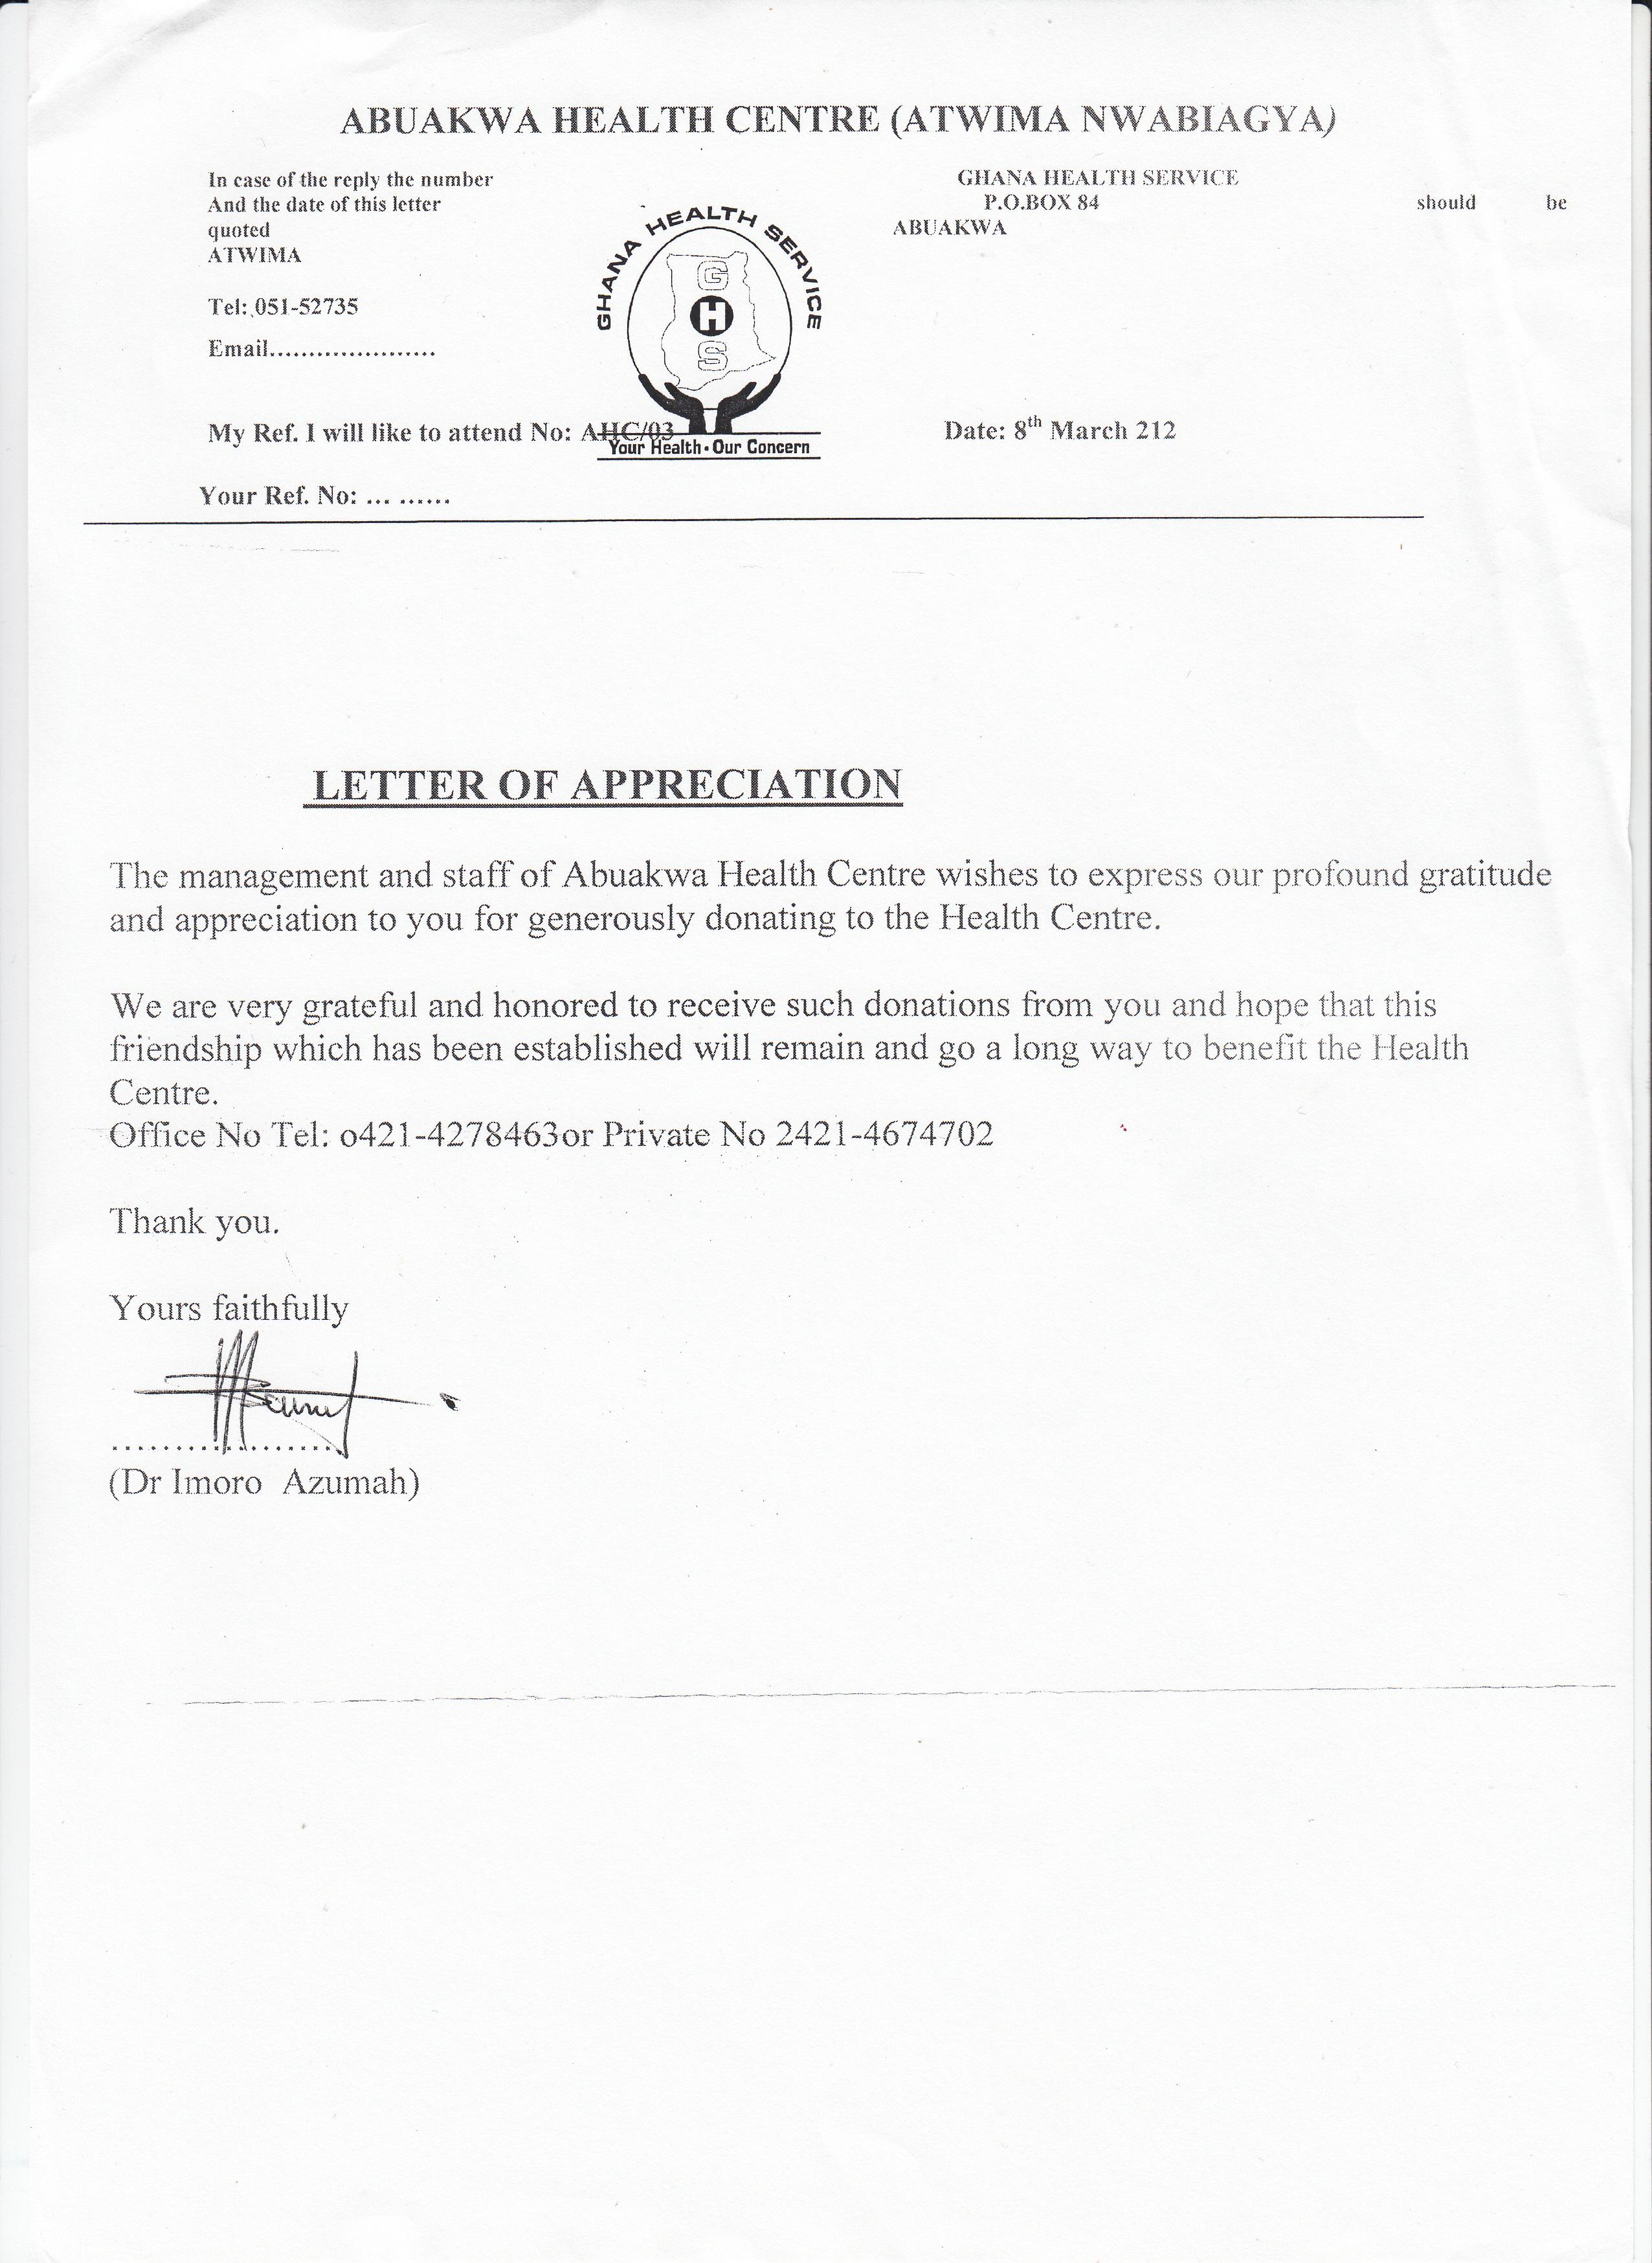 SHOW OF GRATITUDE